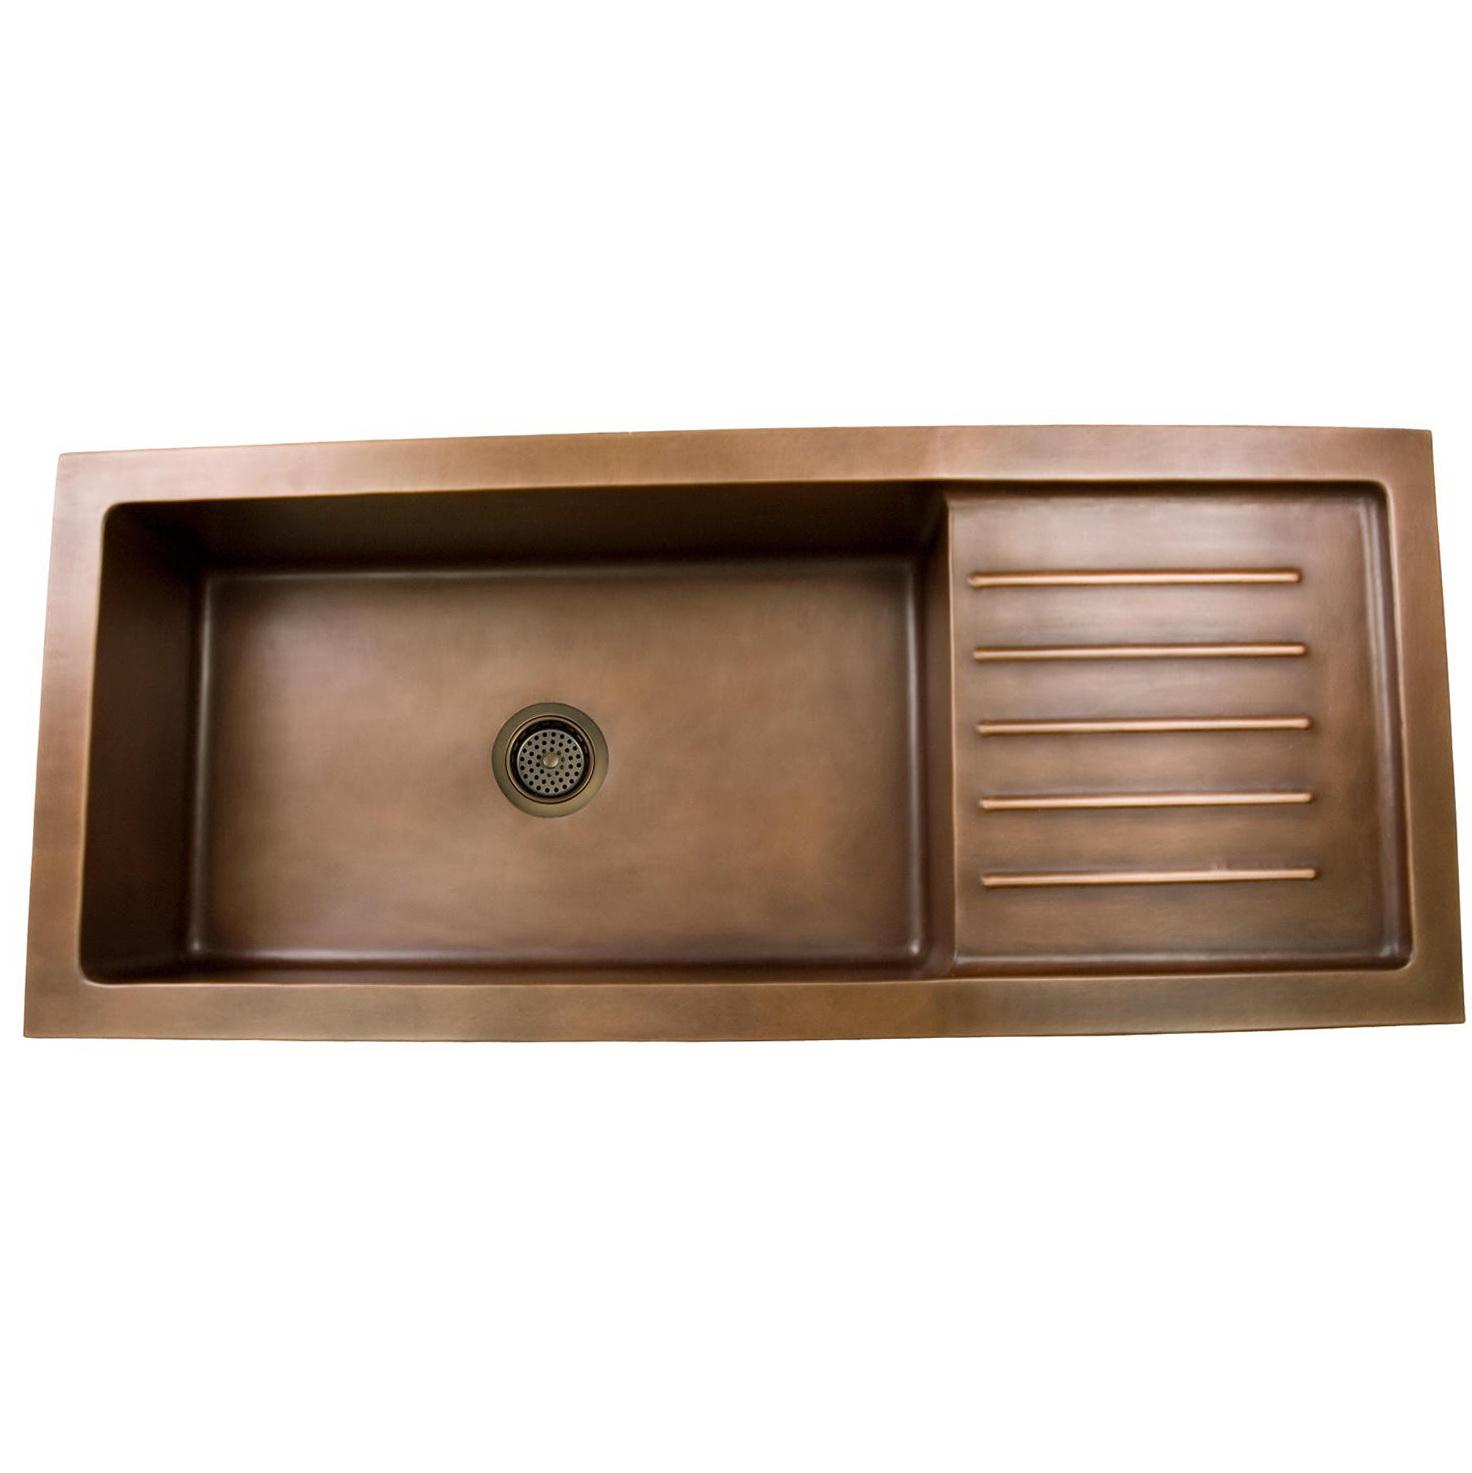 Copper Kitchen Sinks Undermount